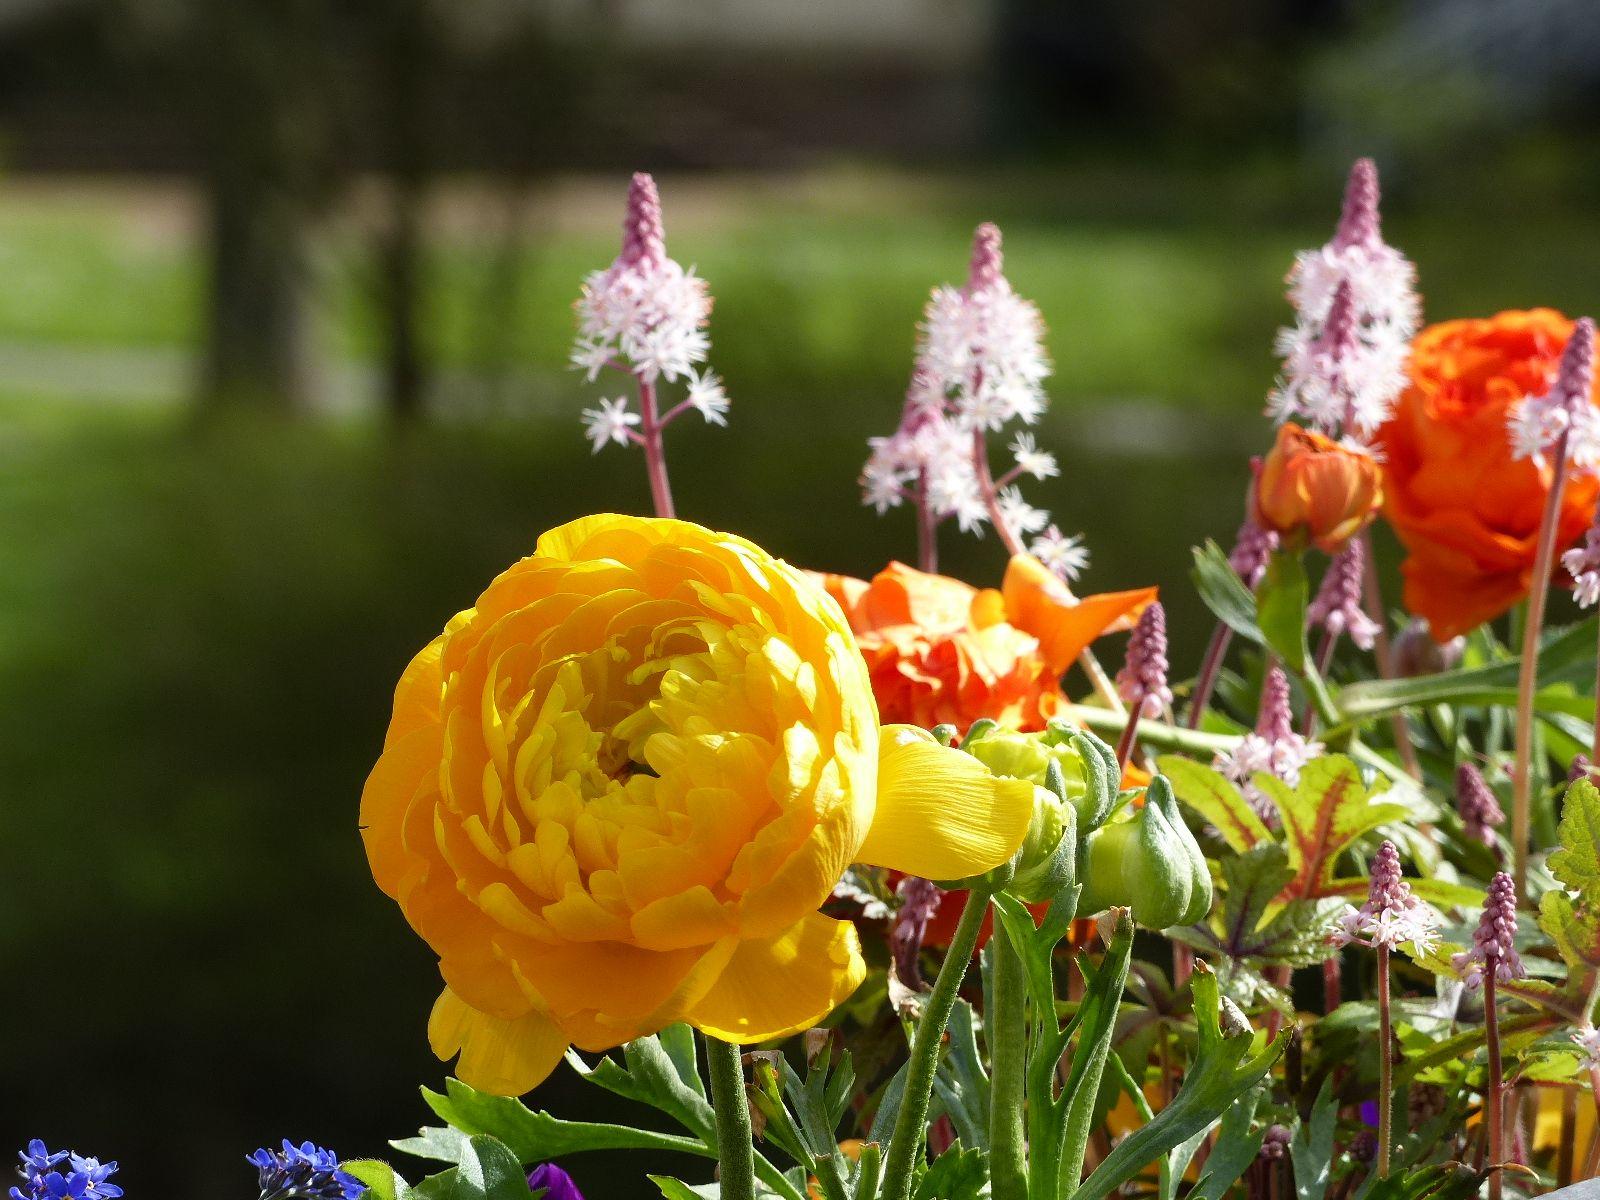 Höflichkeit ist die Blüte der Menschlichkeit. Wer nicht höflich genug,  ist auch nicht menschlich genug. (Joseph Joubert)